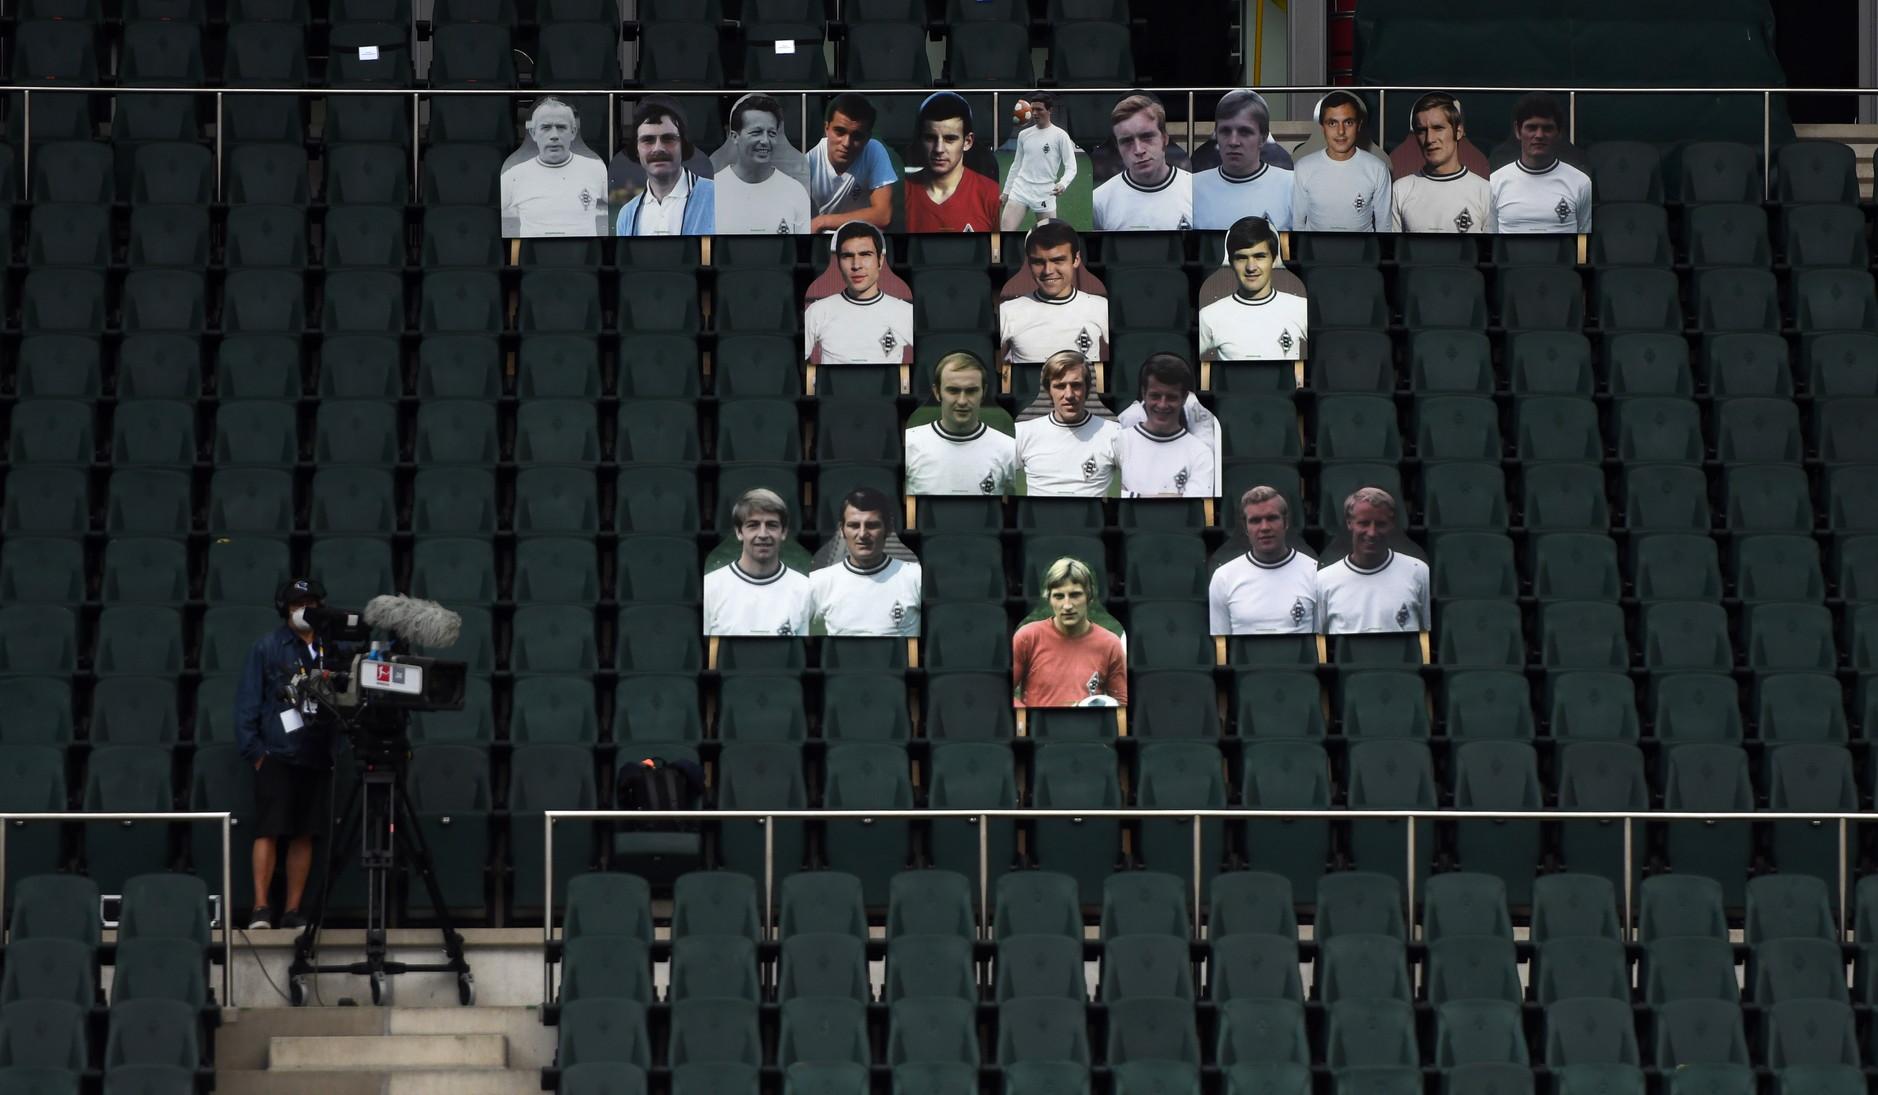 I tifosi di cartone (basta inviare una propria foto, il club la stampa e ci riempie lo stadio) non sono una novità per il Borussia Moenchenglad...